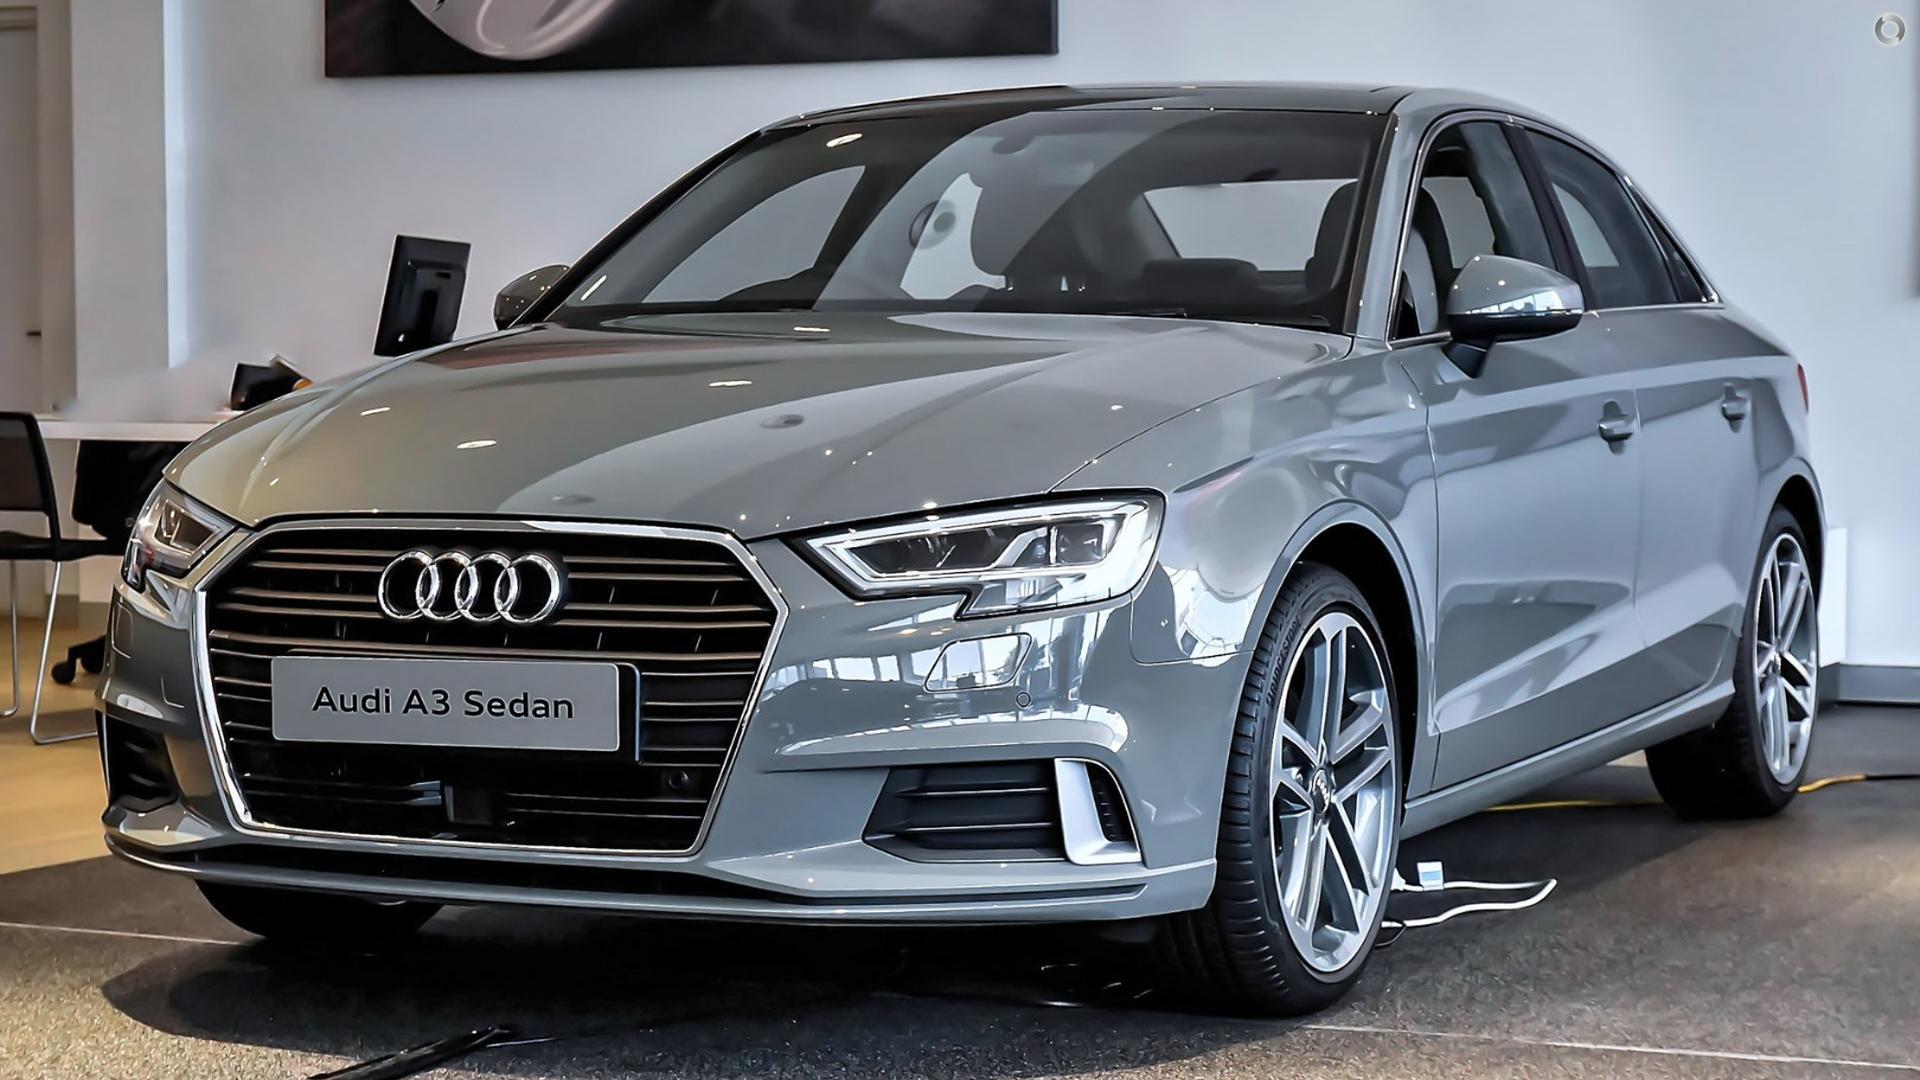 2019 Audi A3 40 TFSI 8V